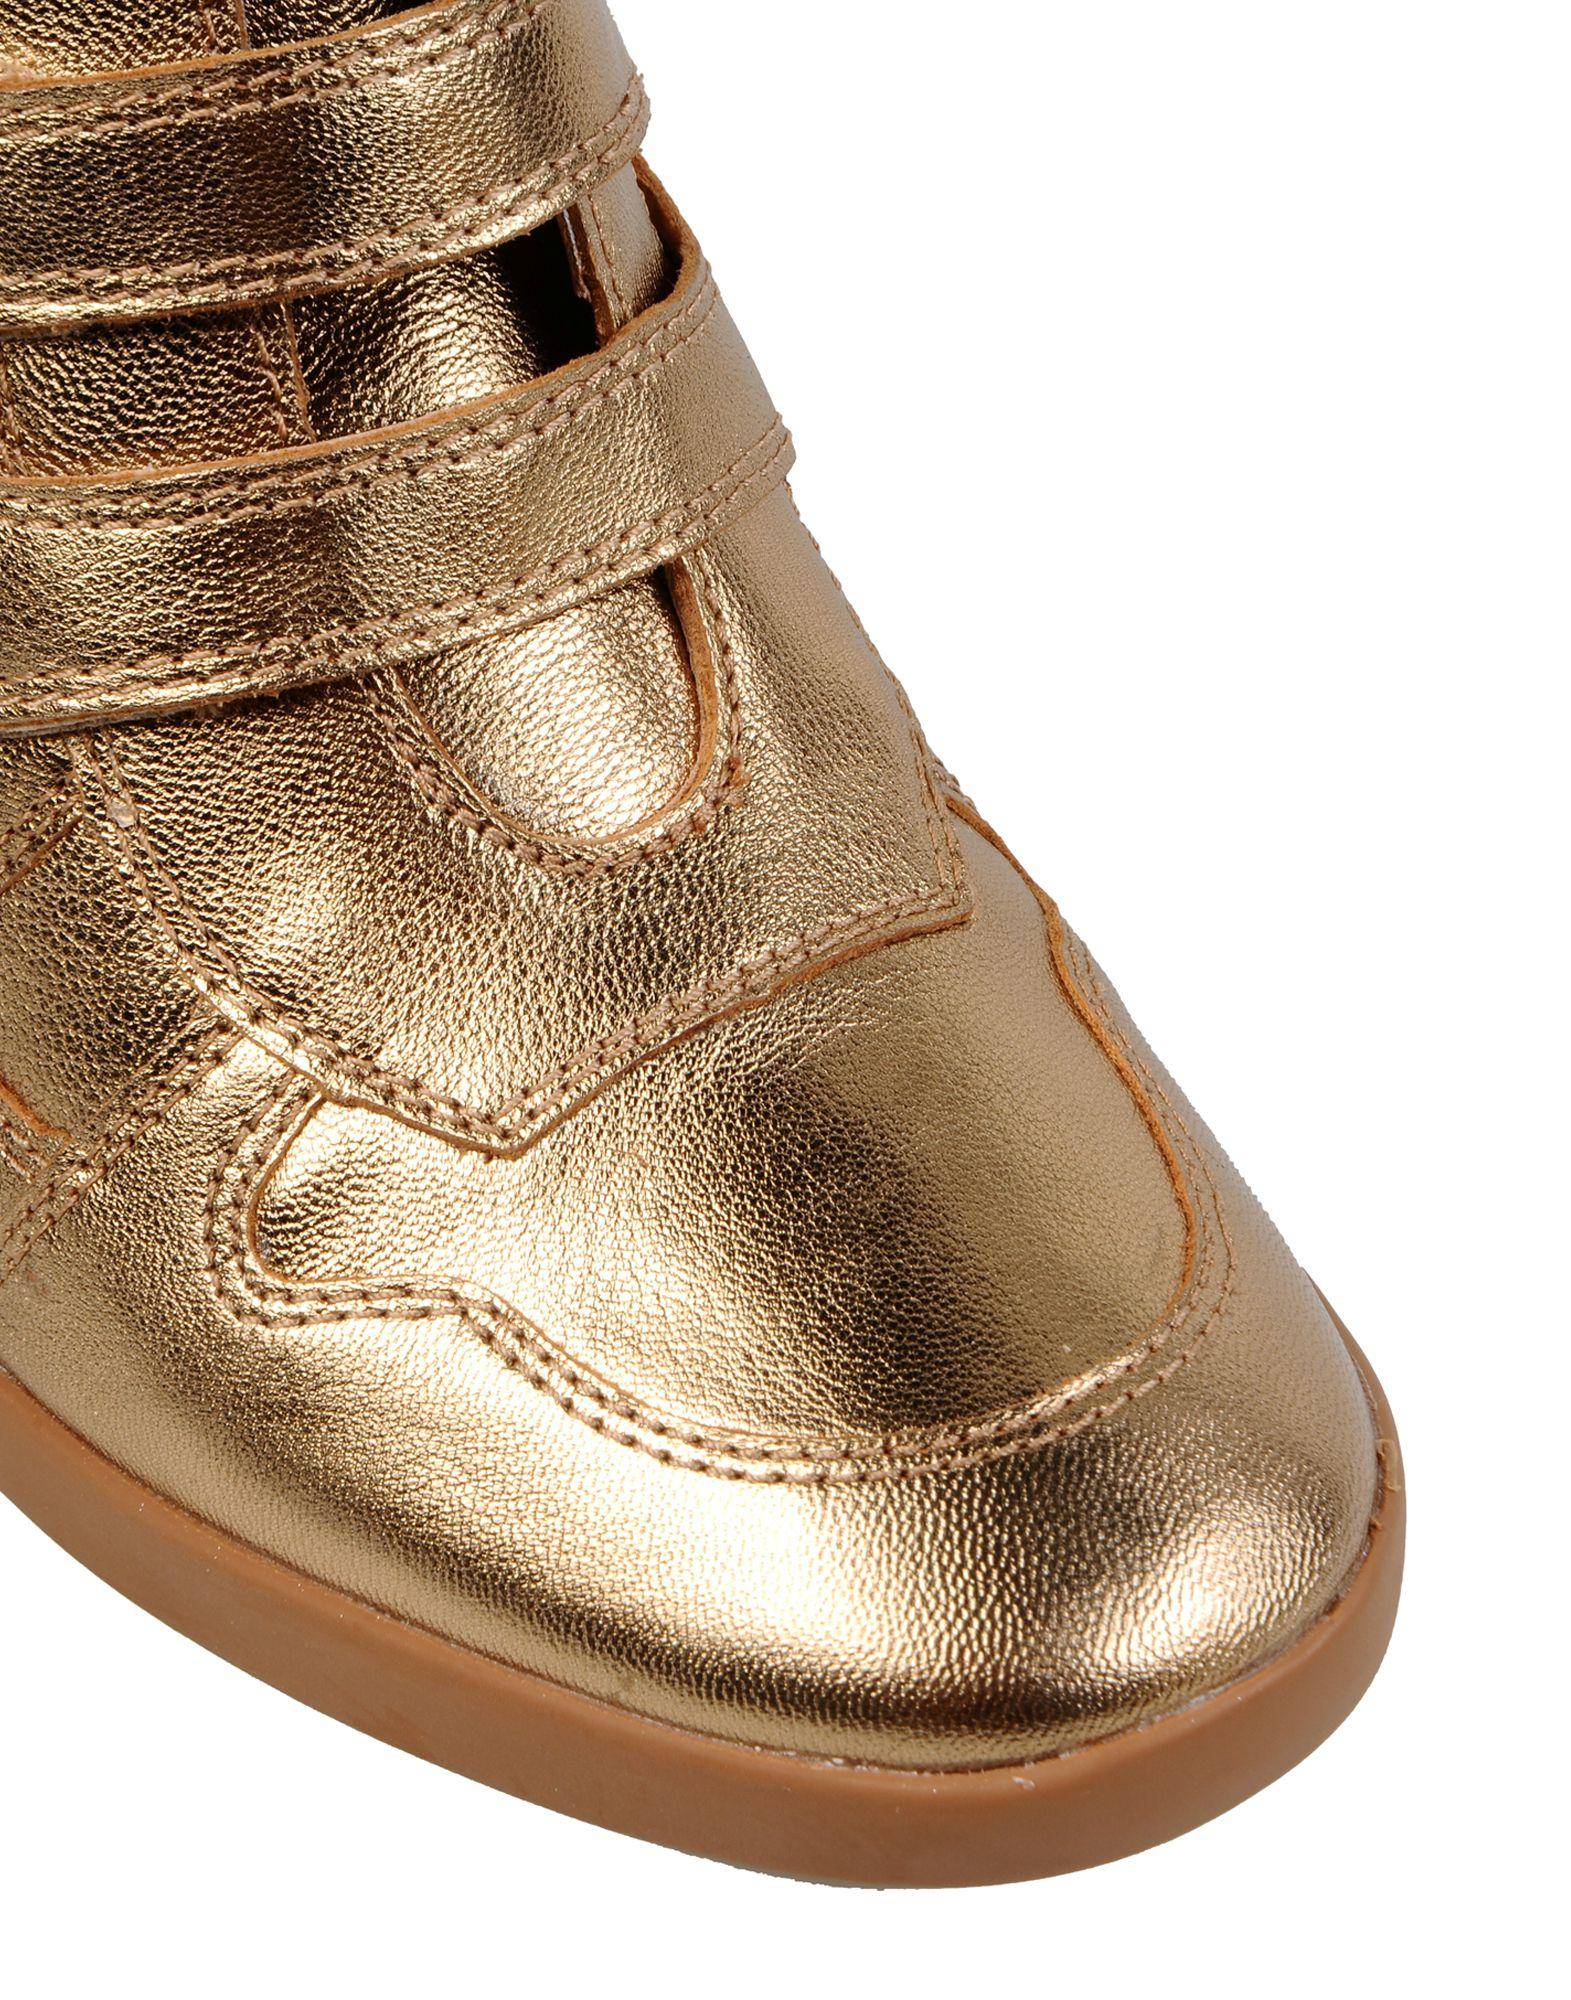 Carlo Pazolini Leather High-tops & Sneakers in Gold (Metallic)